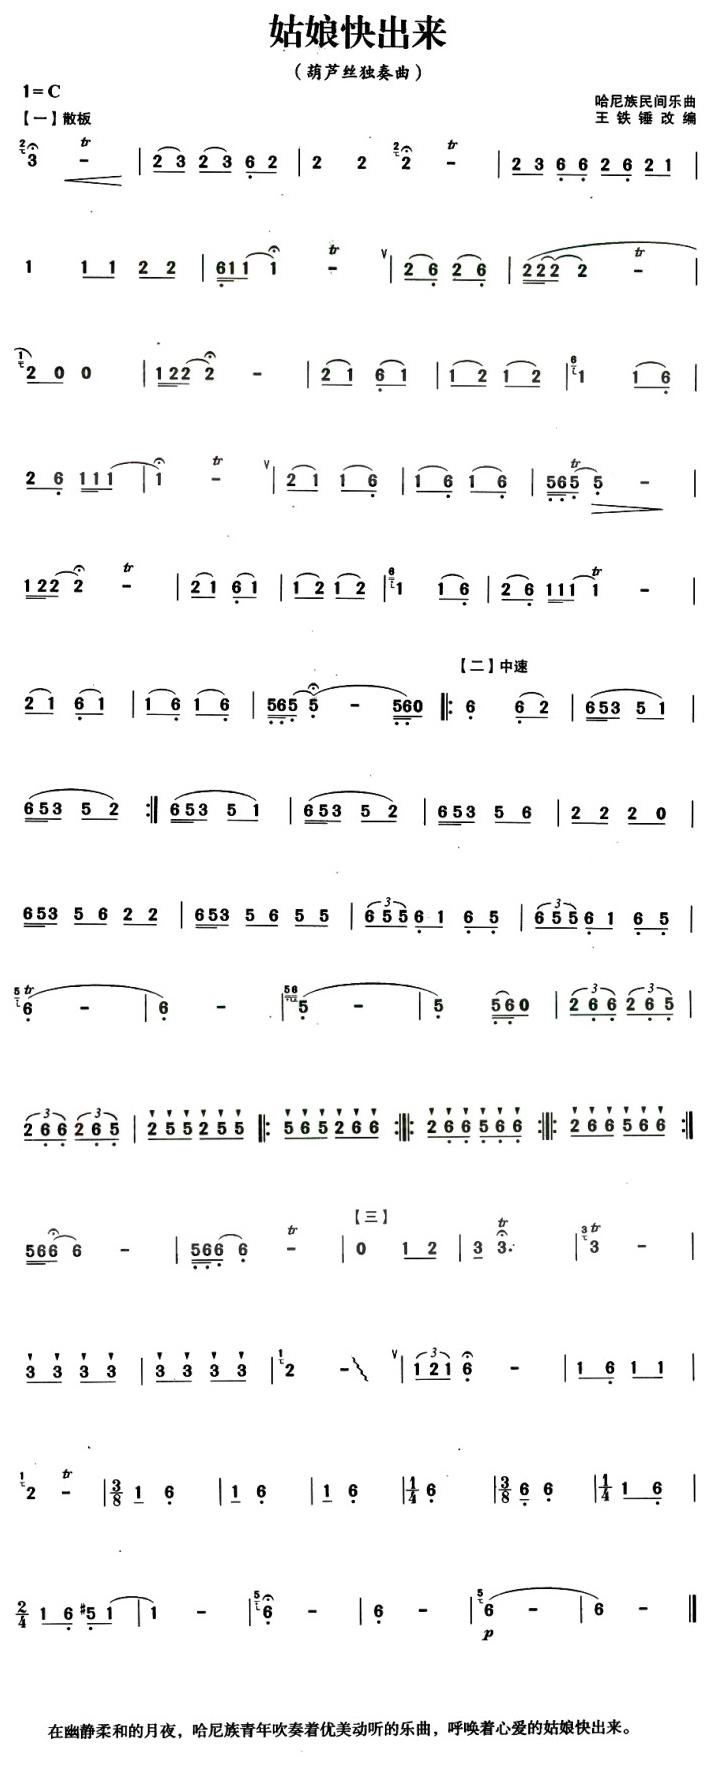 伴奏音乐 曲谱下载 >> 葫芦丝曲谱 姑娘快出来  2009-10-15 16:53:35